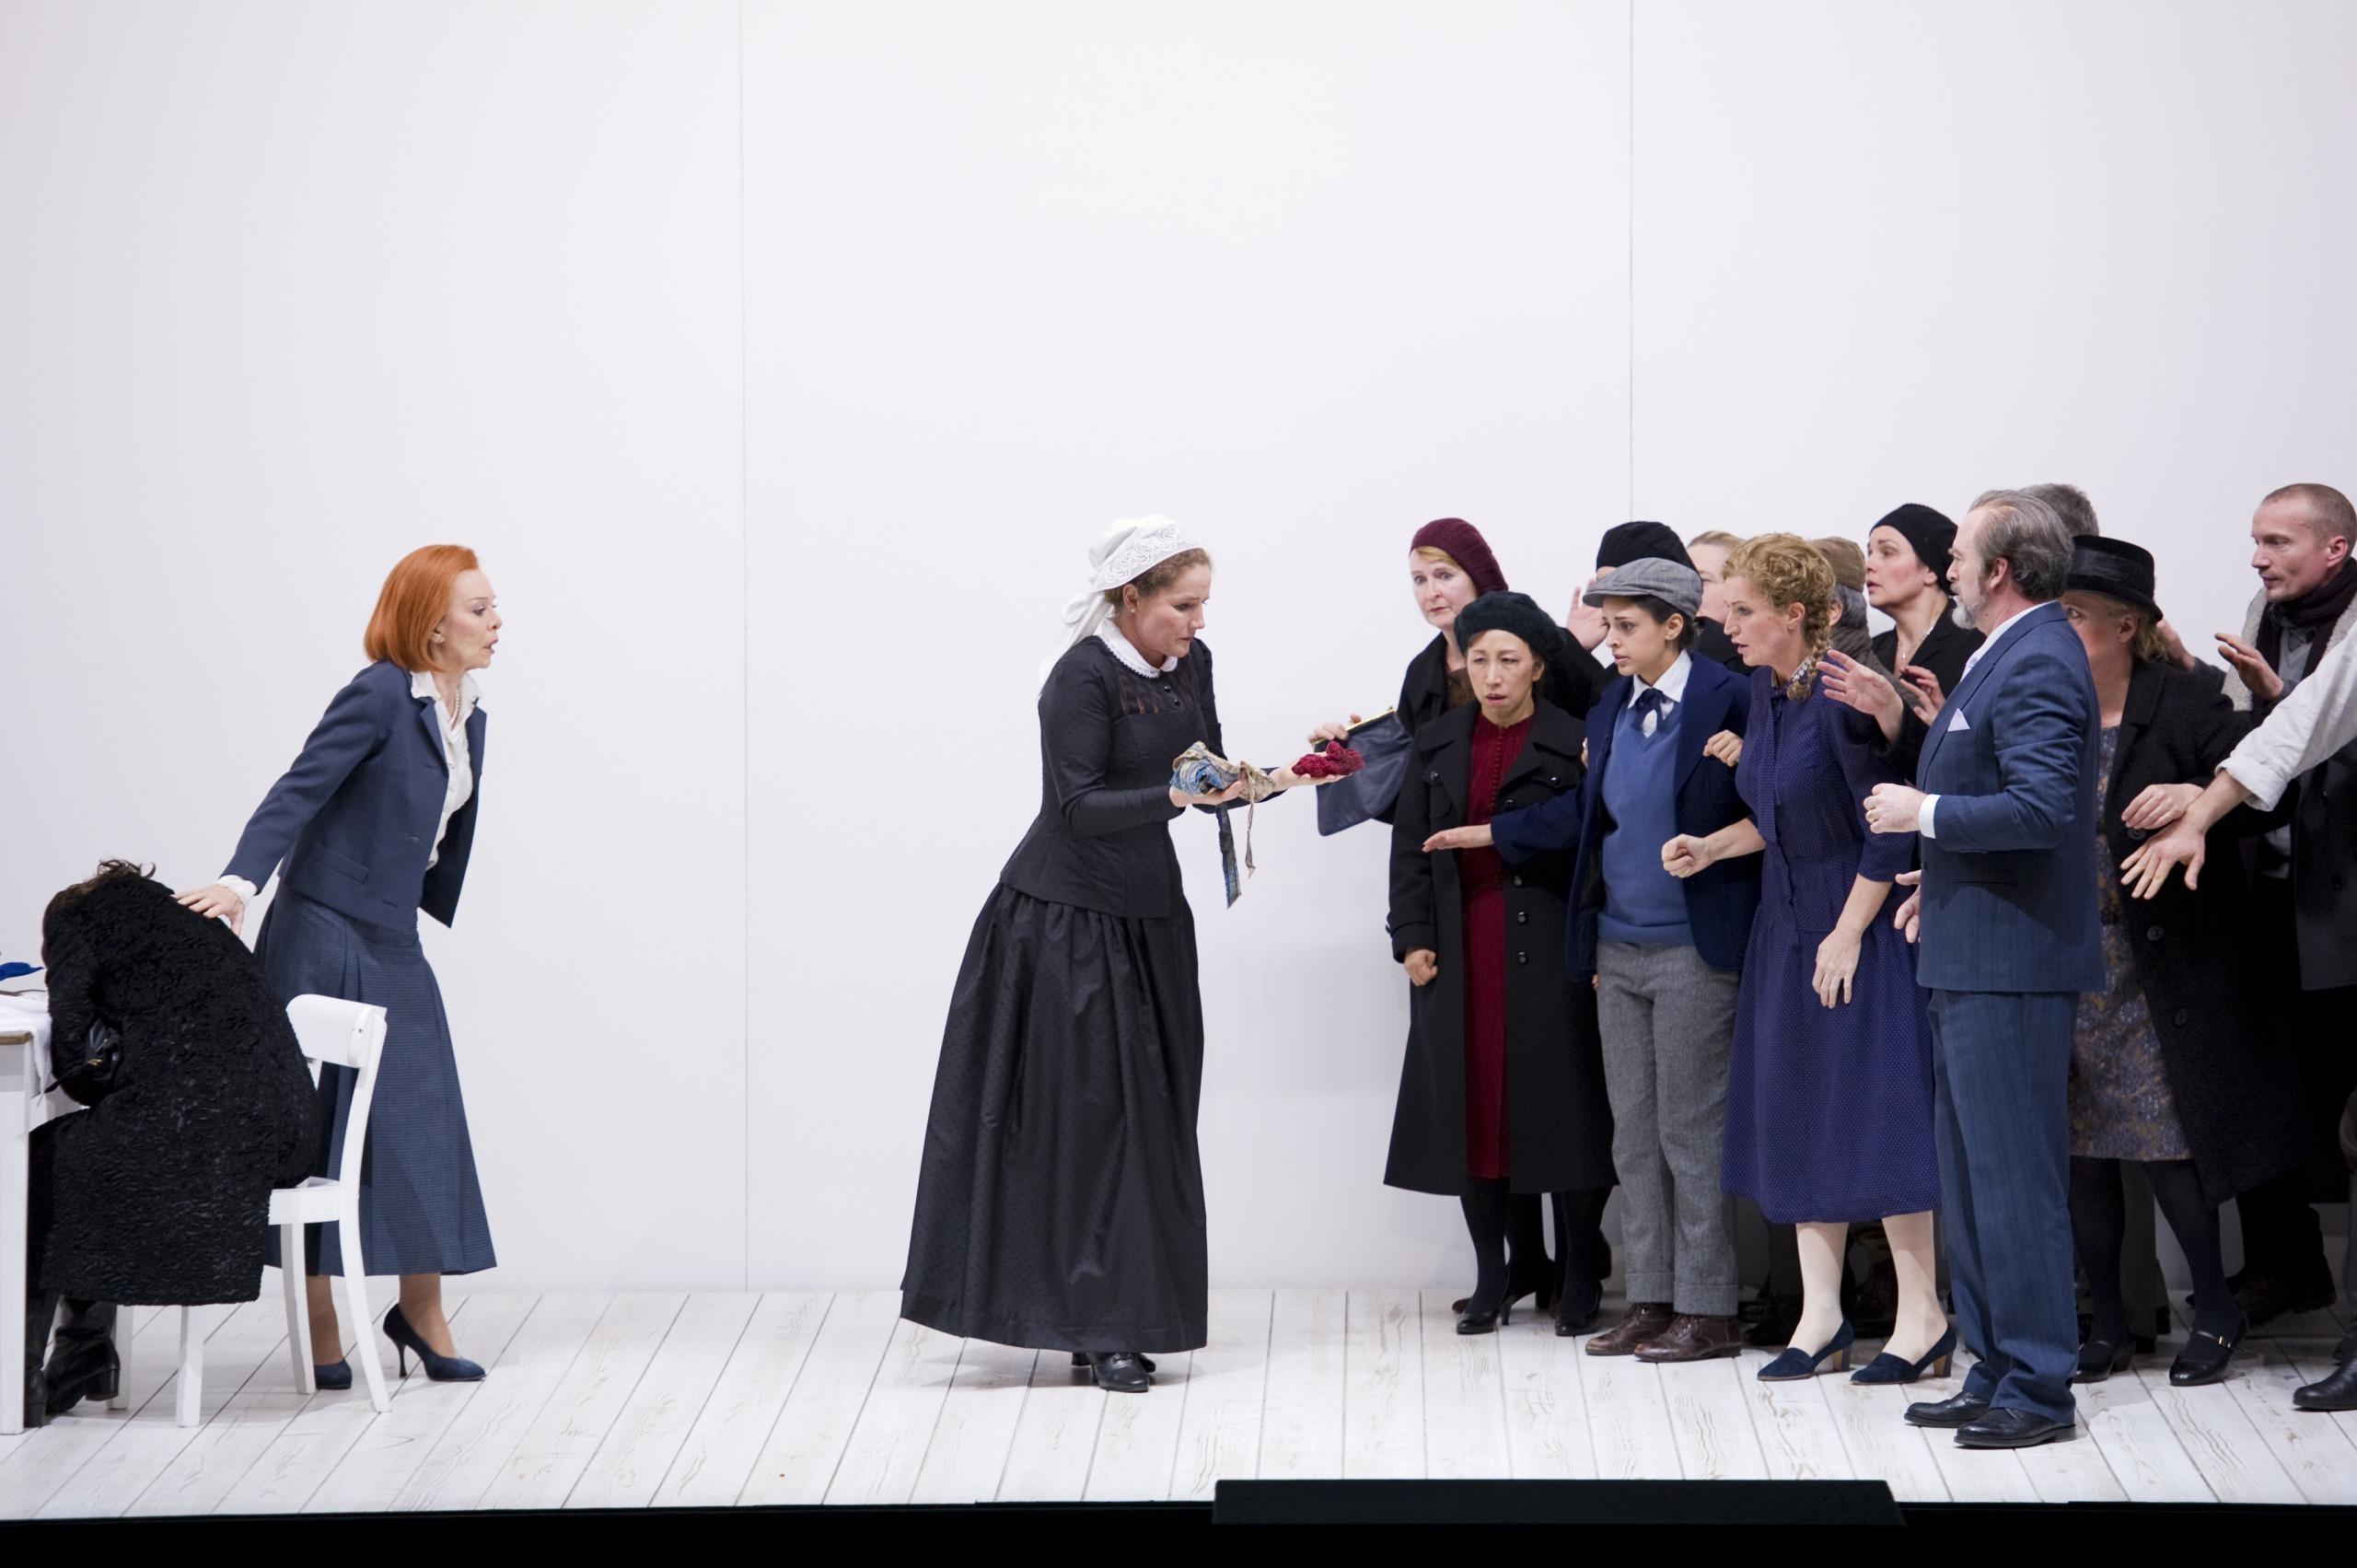 第三幕にドラマは急展開する…… (c)MonikaRittershaus